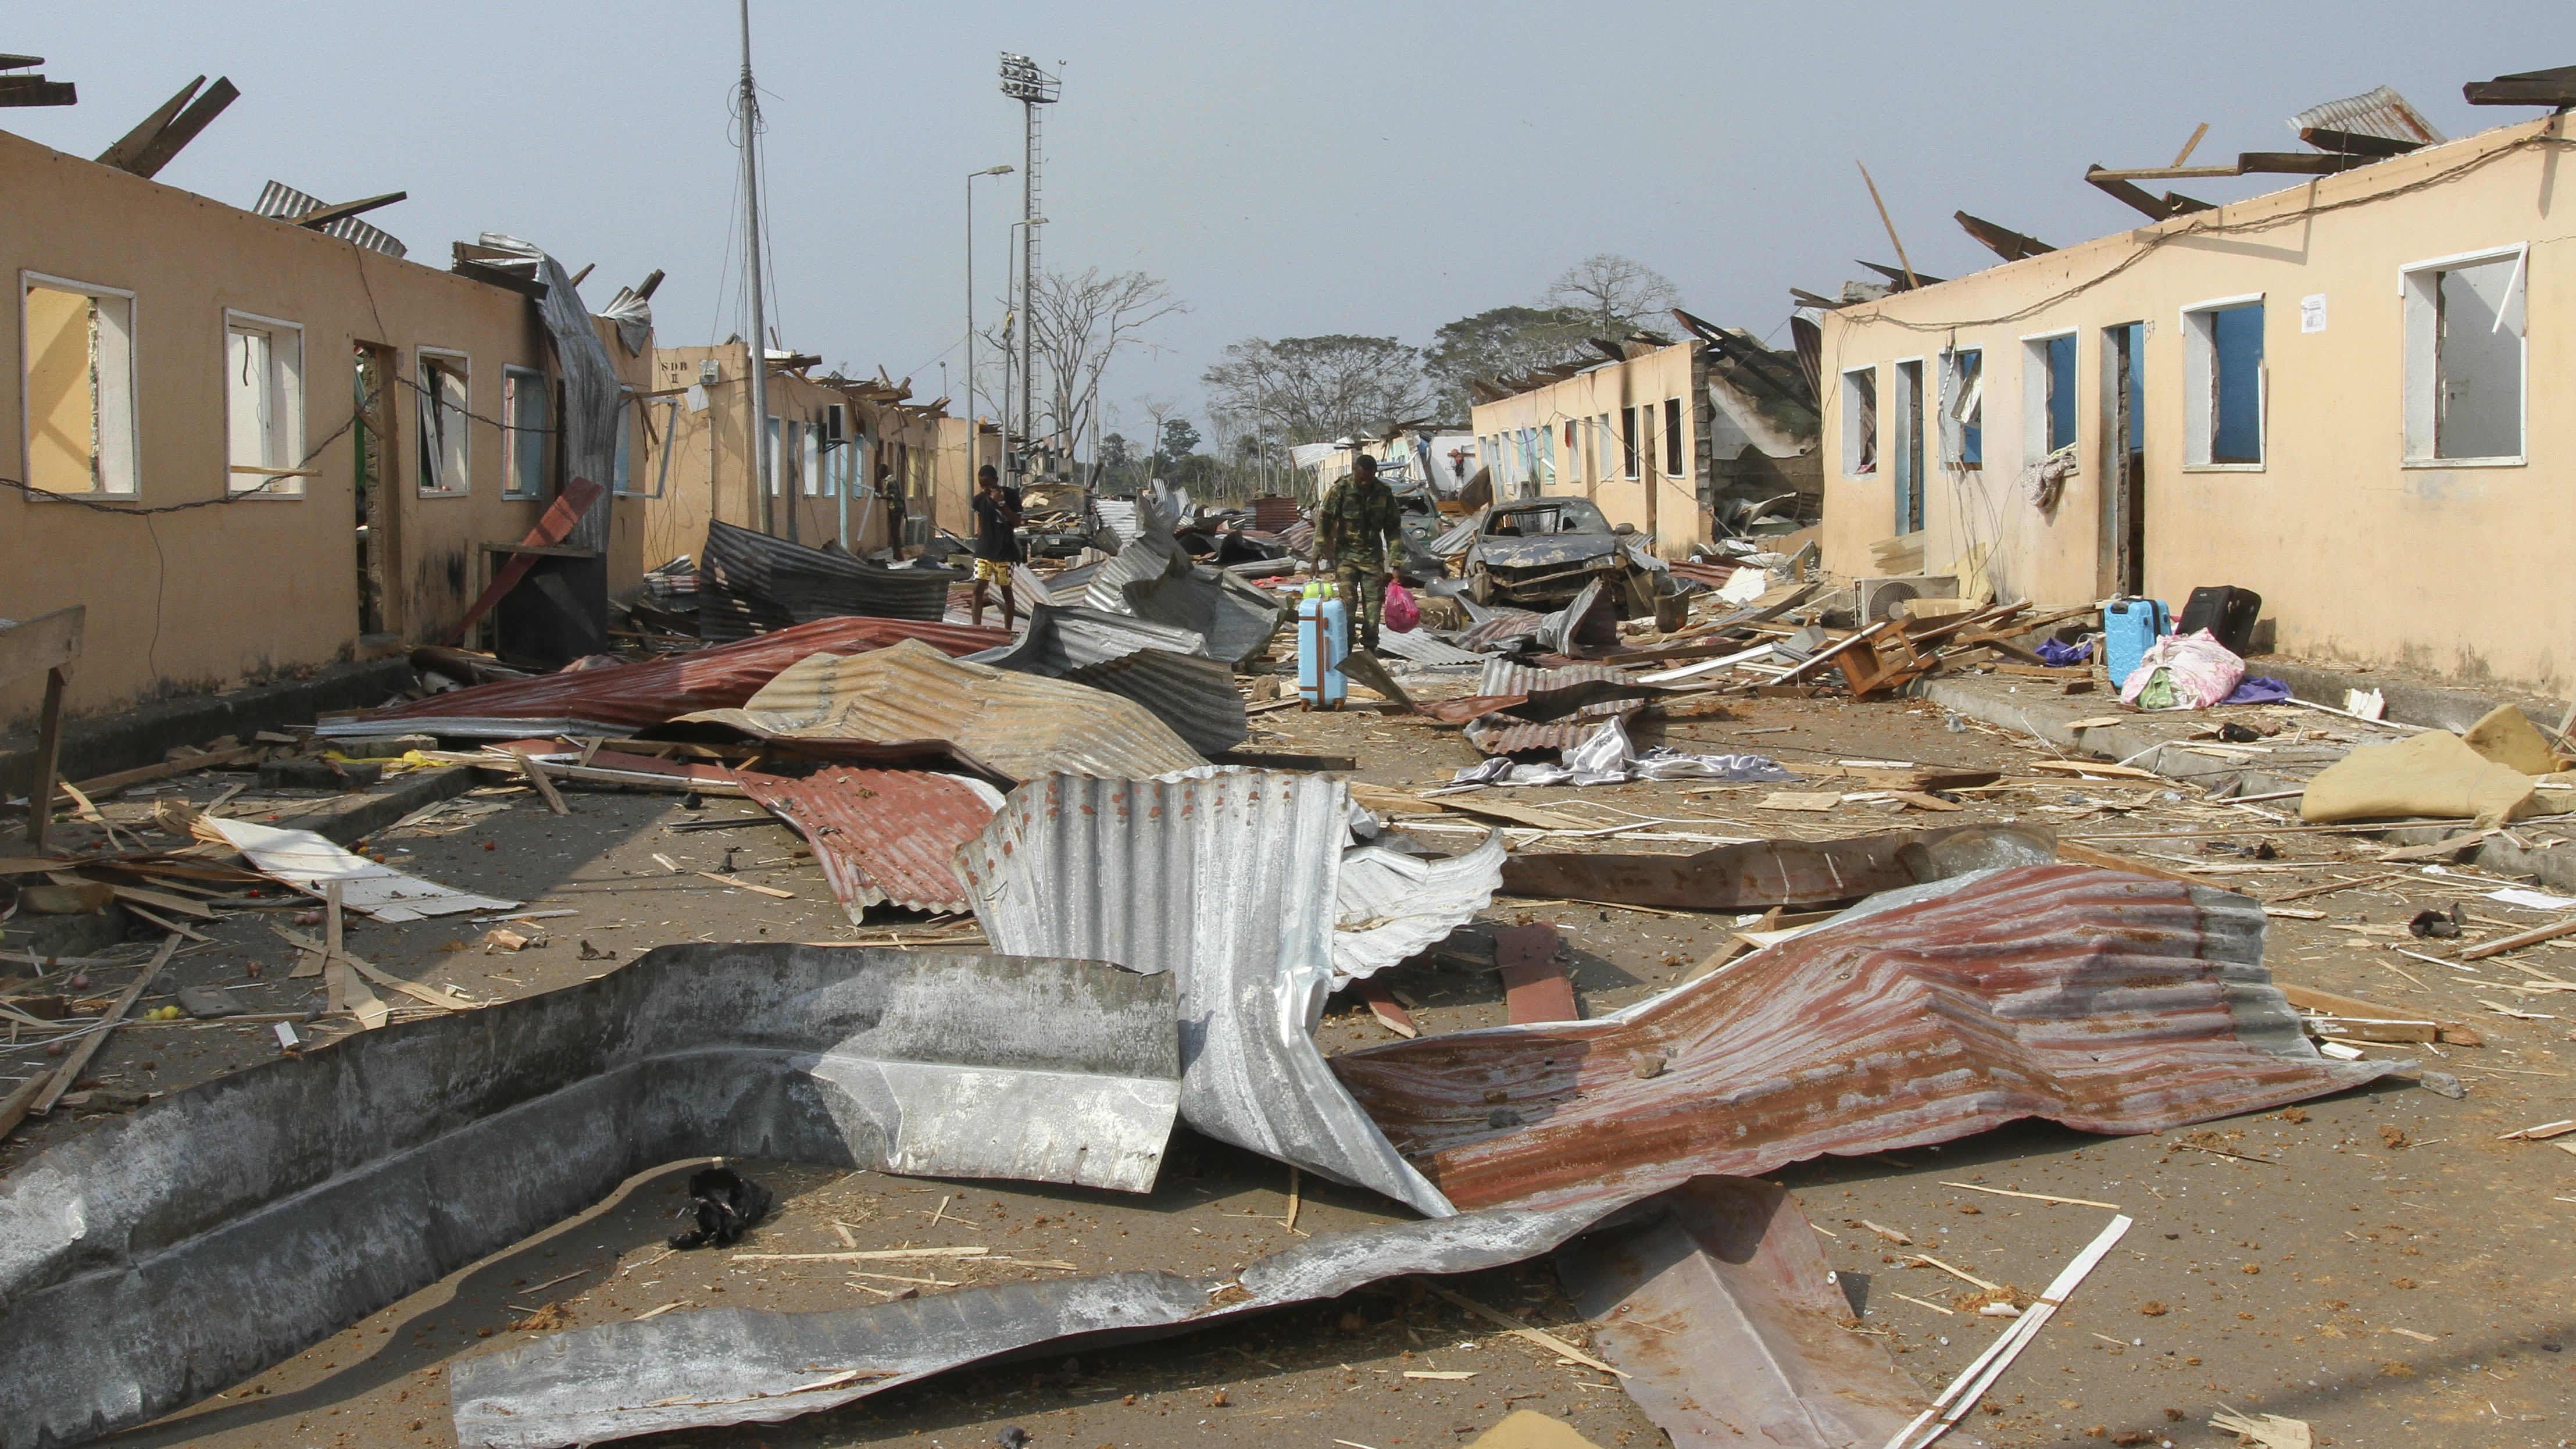 Batan kaupungissa Päiväntasaajan Guineassa tapahtunut räjähdyssarja vaurioitti lähes kaikkia kaupungin rakennuksia.